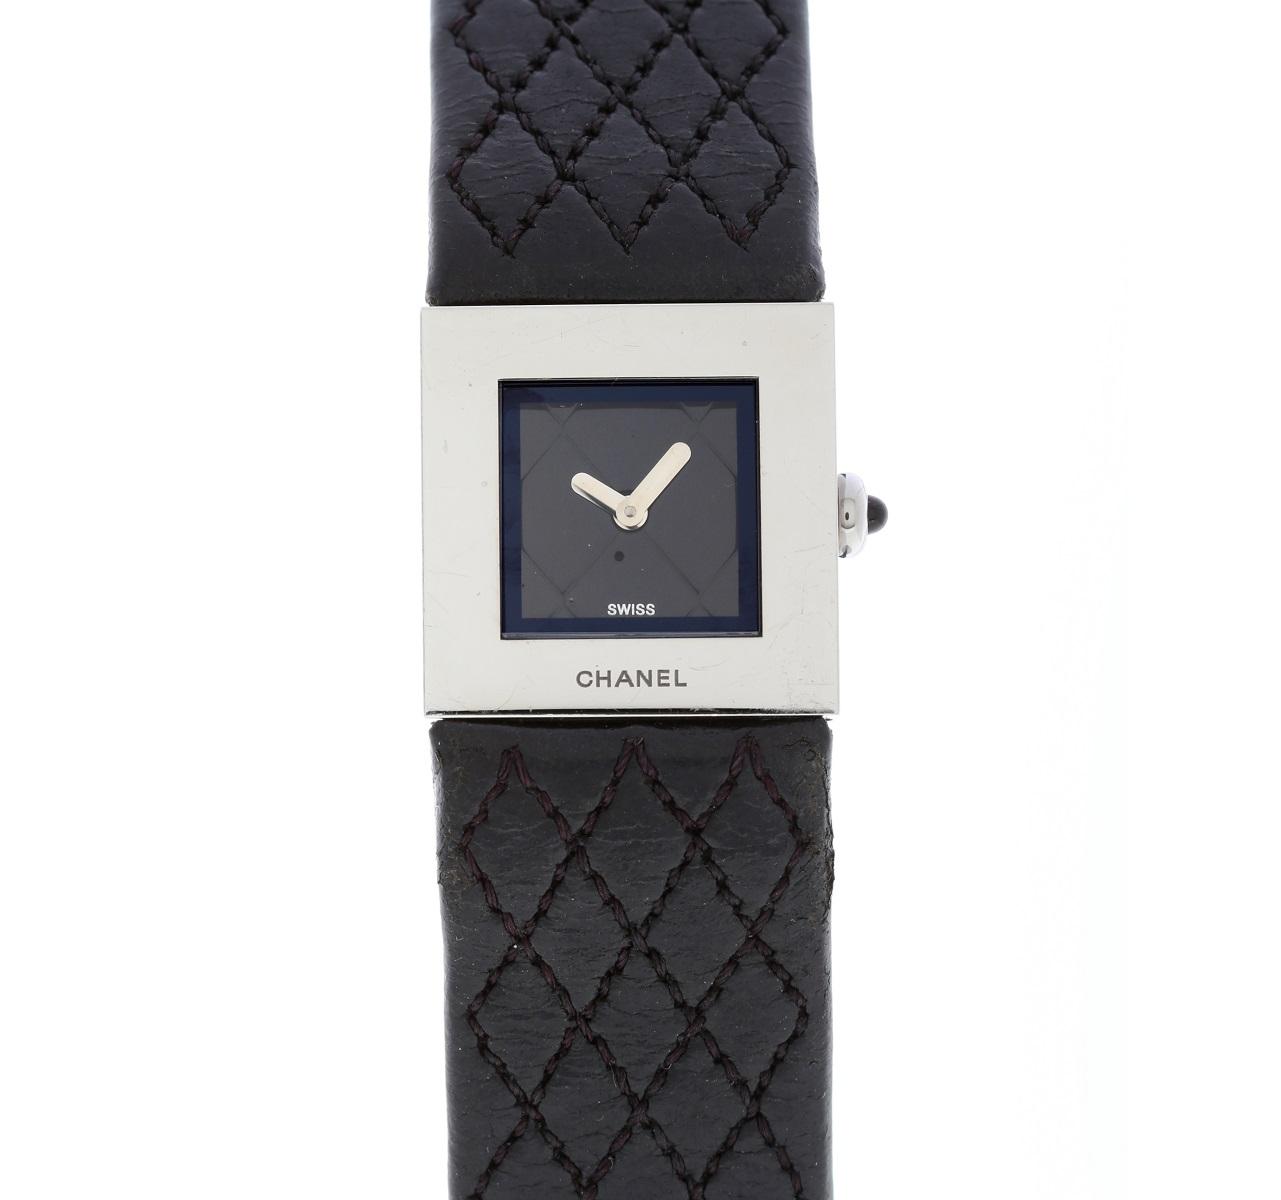 シャネル CHANEL マトラッセ クォーツ 腕時計 Qz 専用箱 レディース SS 送料無料 【トレジャースポット】 【中古】